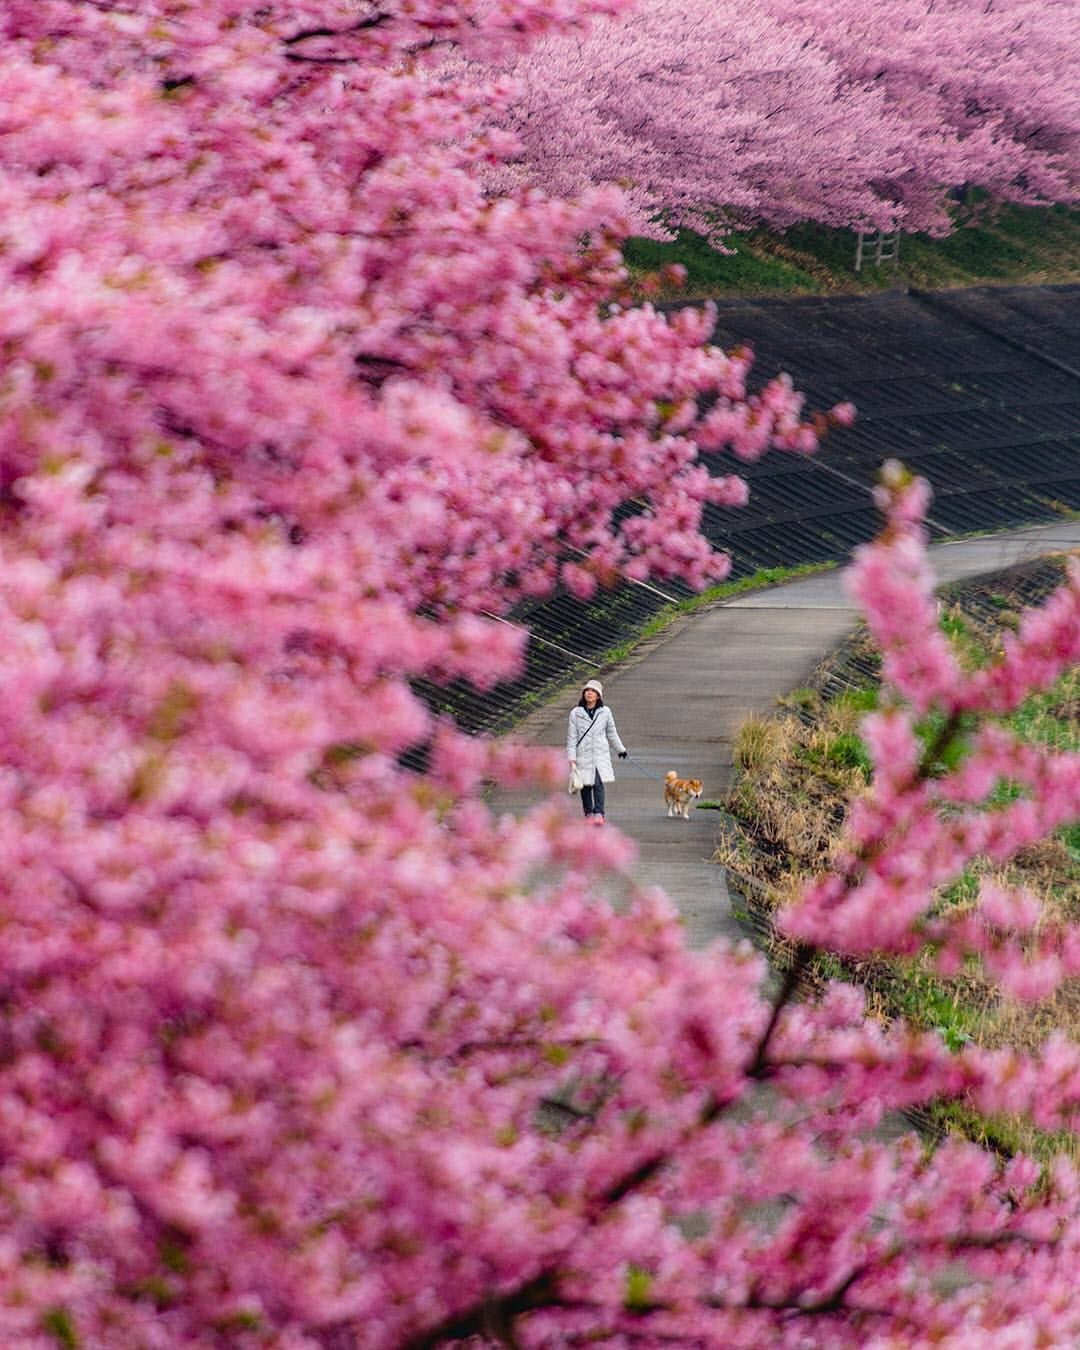 Фото Девушка с собакой прогуливается по дорожке с цветущей сакурой, by locowataru5